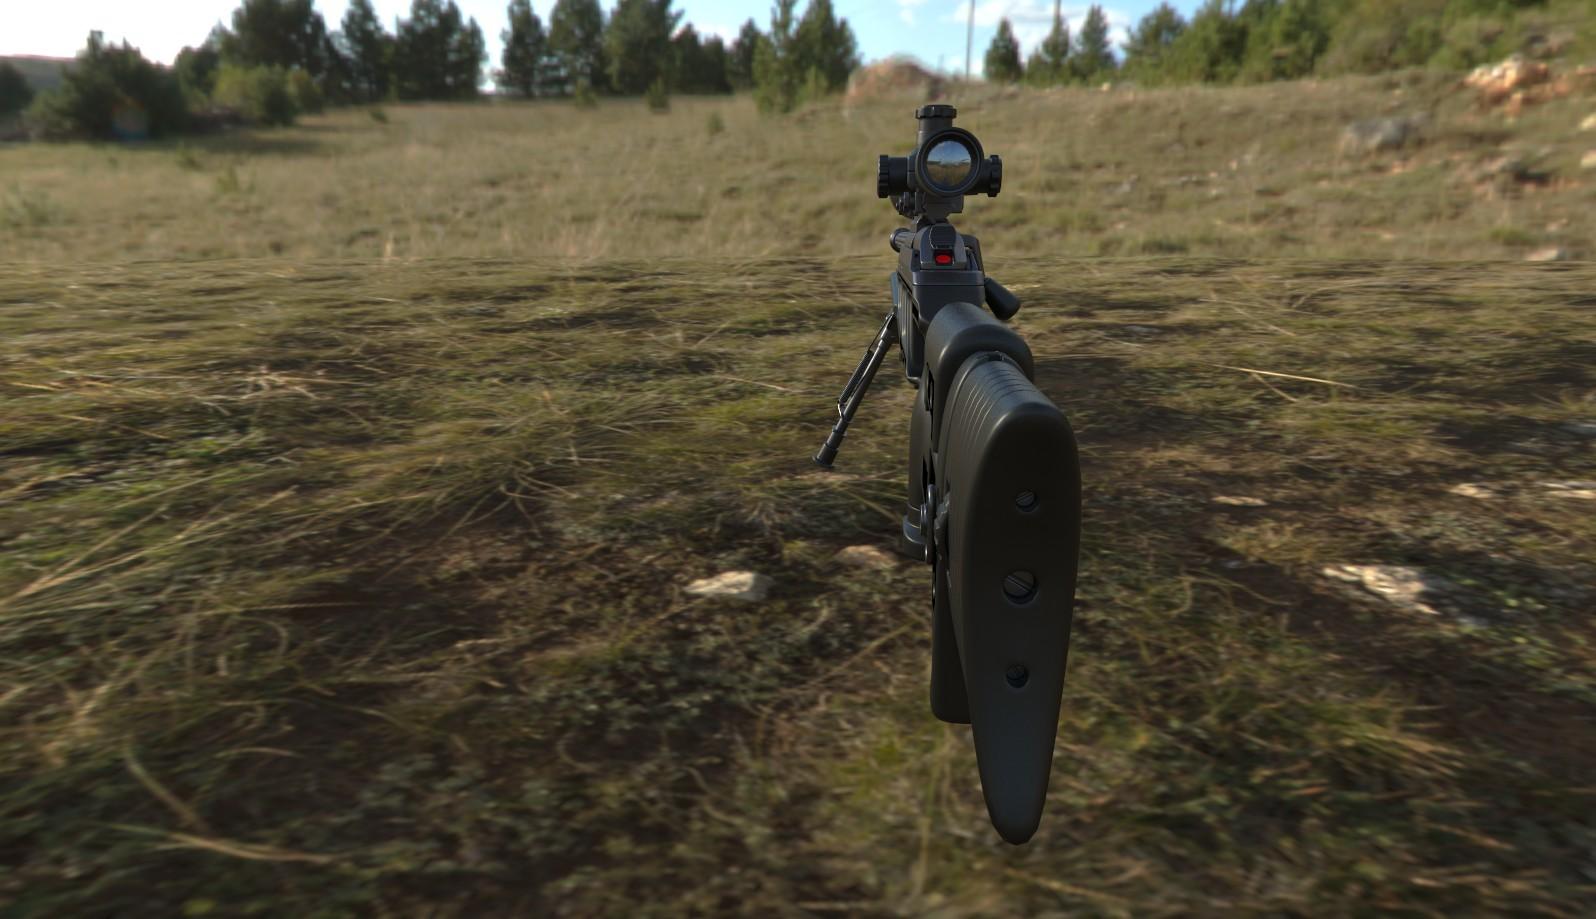 David stingl sniper rifle r93 bacl